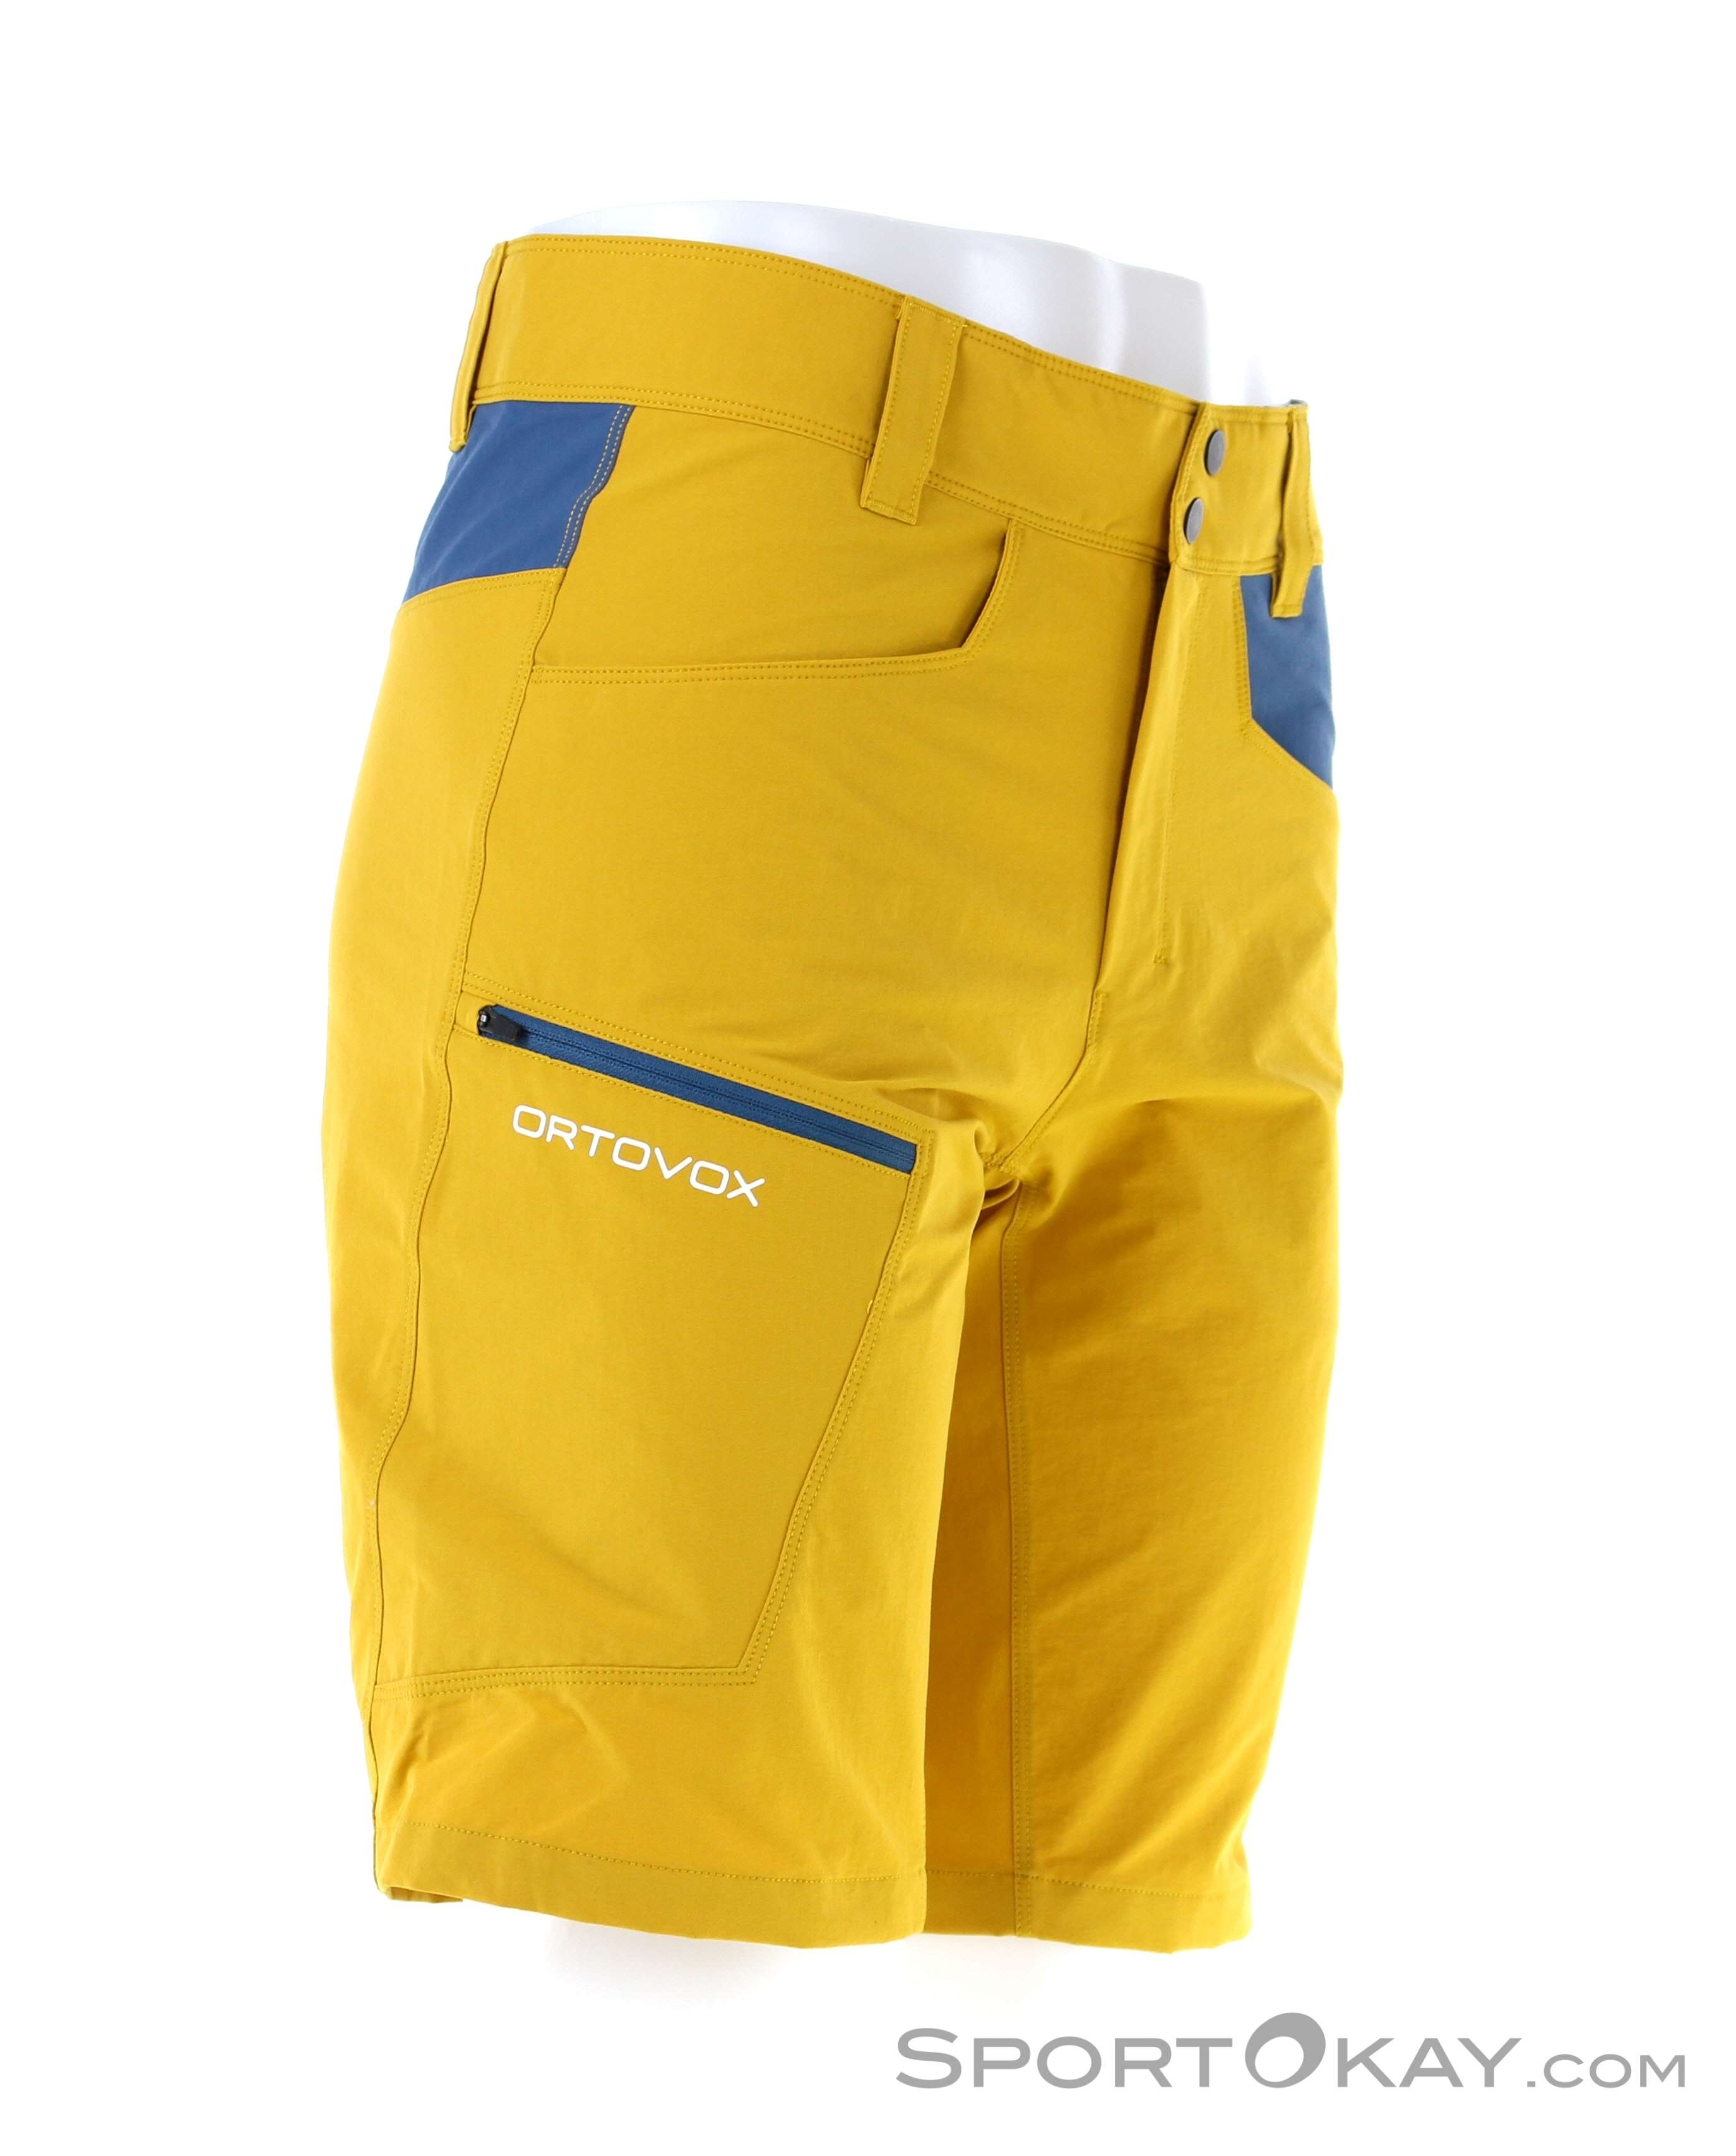 Pantaloncini Uomo Ortovox Pelmo